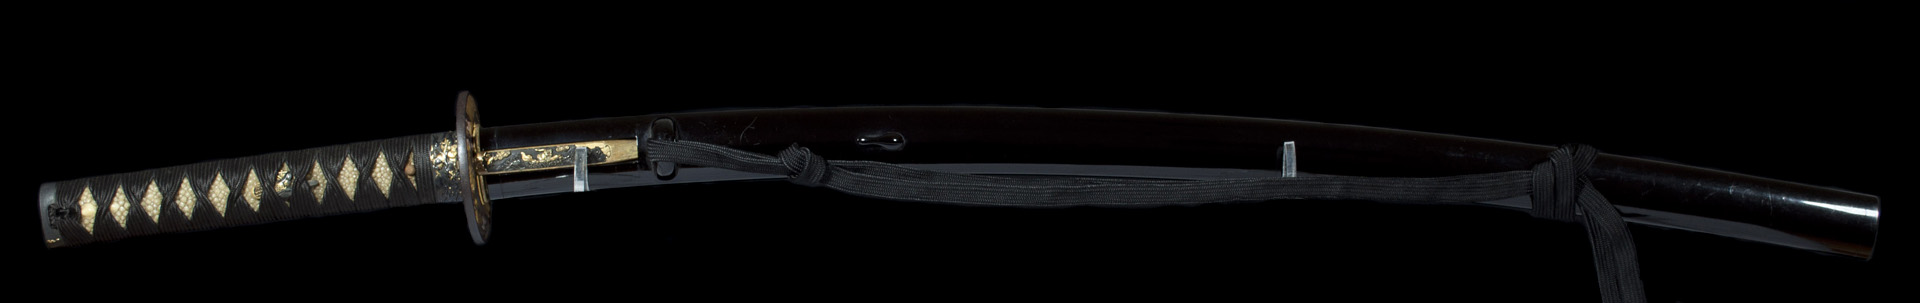 Tsunahiro katana sabre japonais koshirae (5)